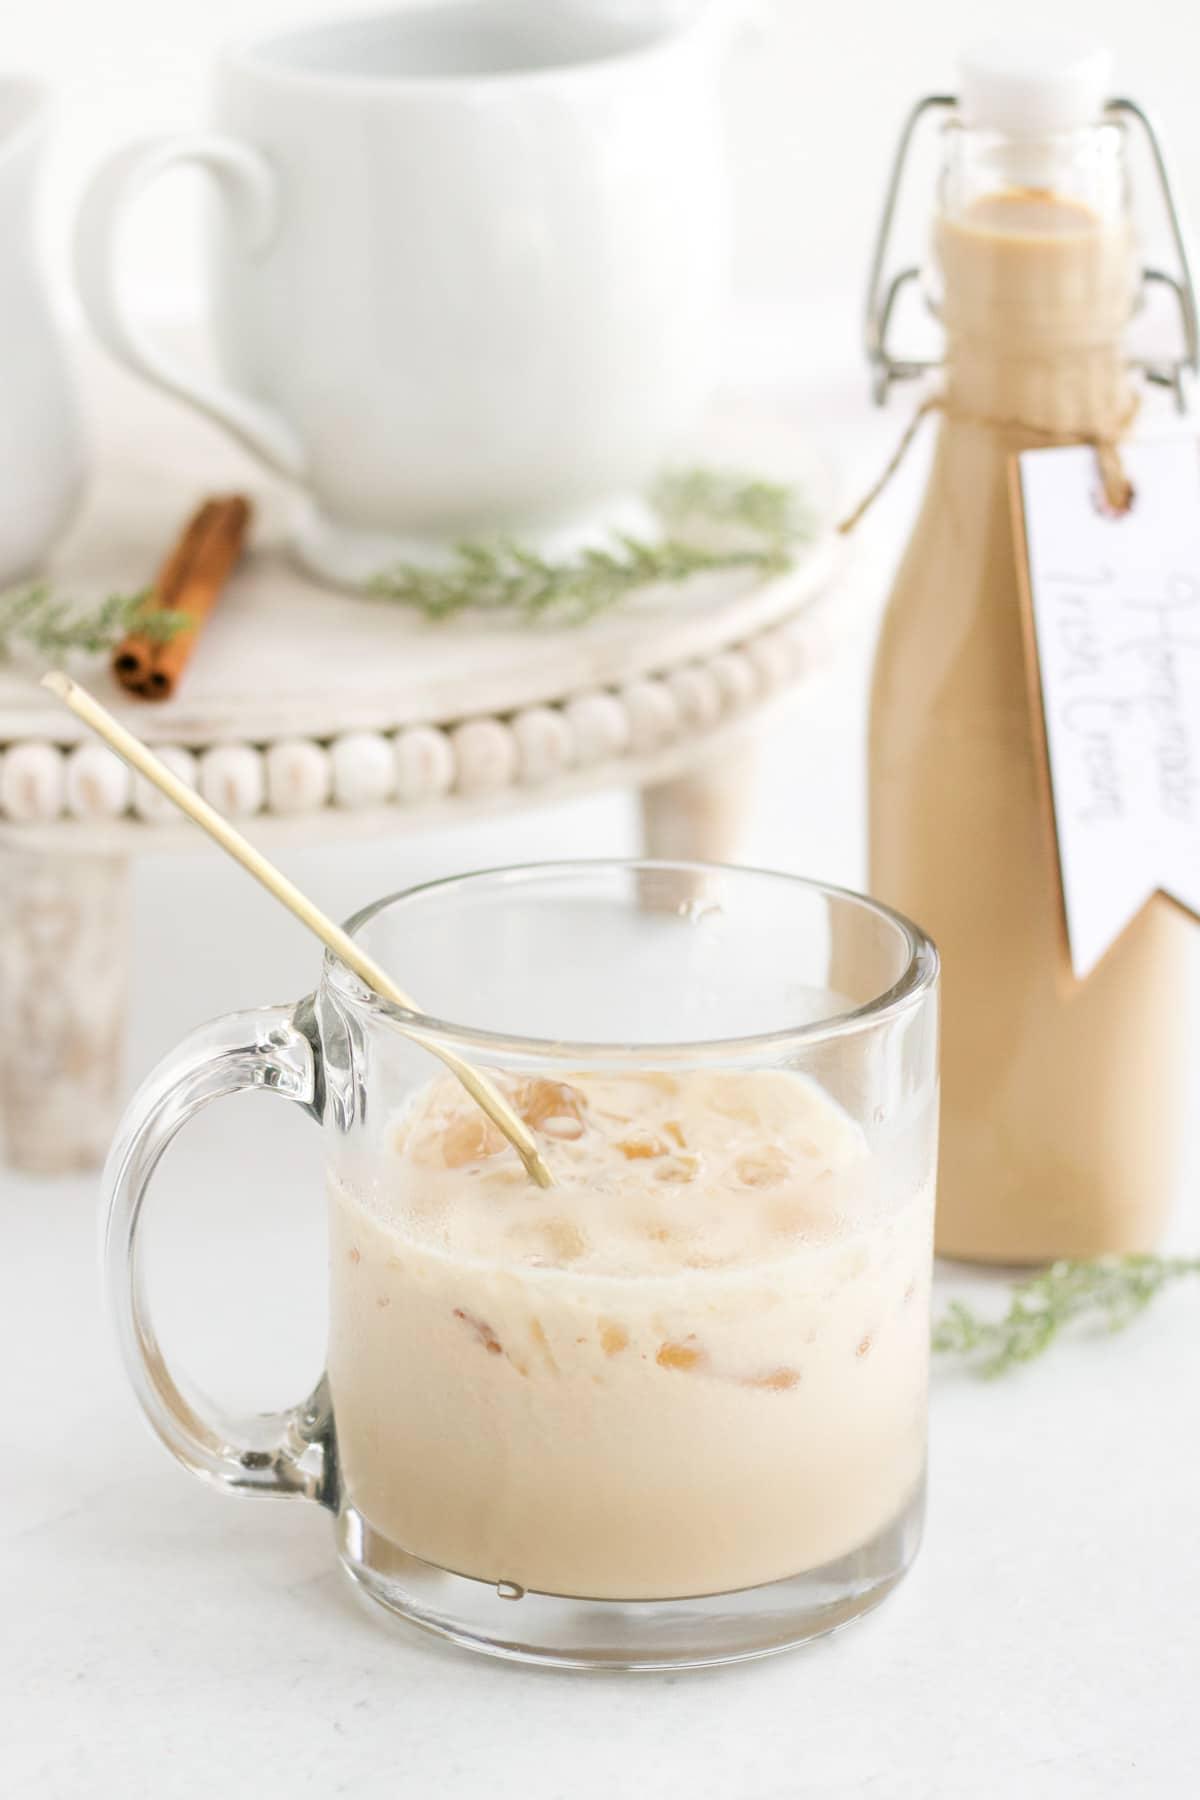 homemade bailey's irish cream in small glass